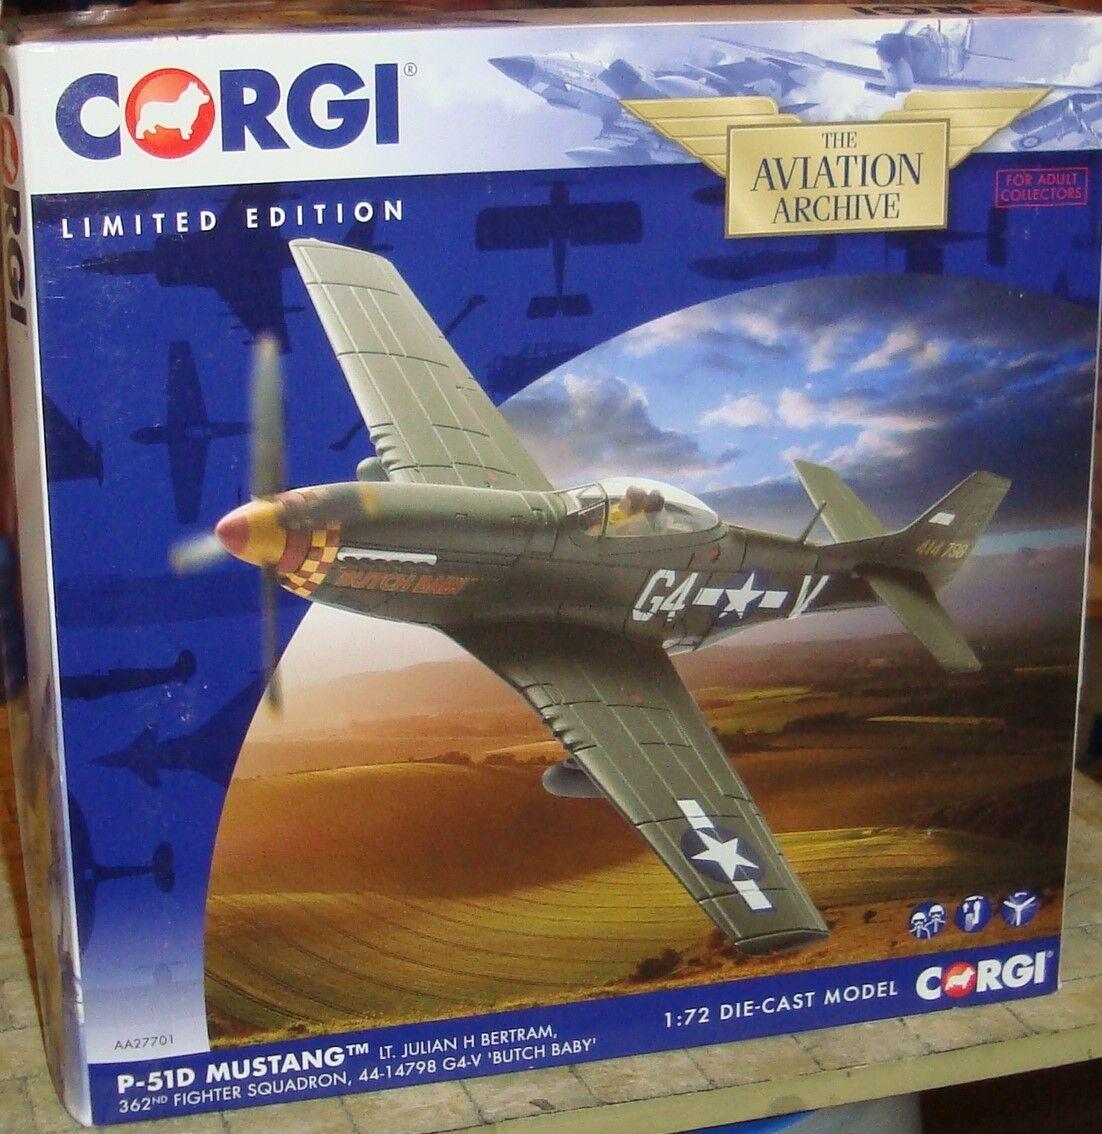 Precio por piso Corgi-P-51D Mustang - - - 362 Sqn, 44-14798 G4-V  Butch Baby' -1 72 - Ltd Edition  a la venta